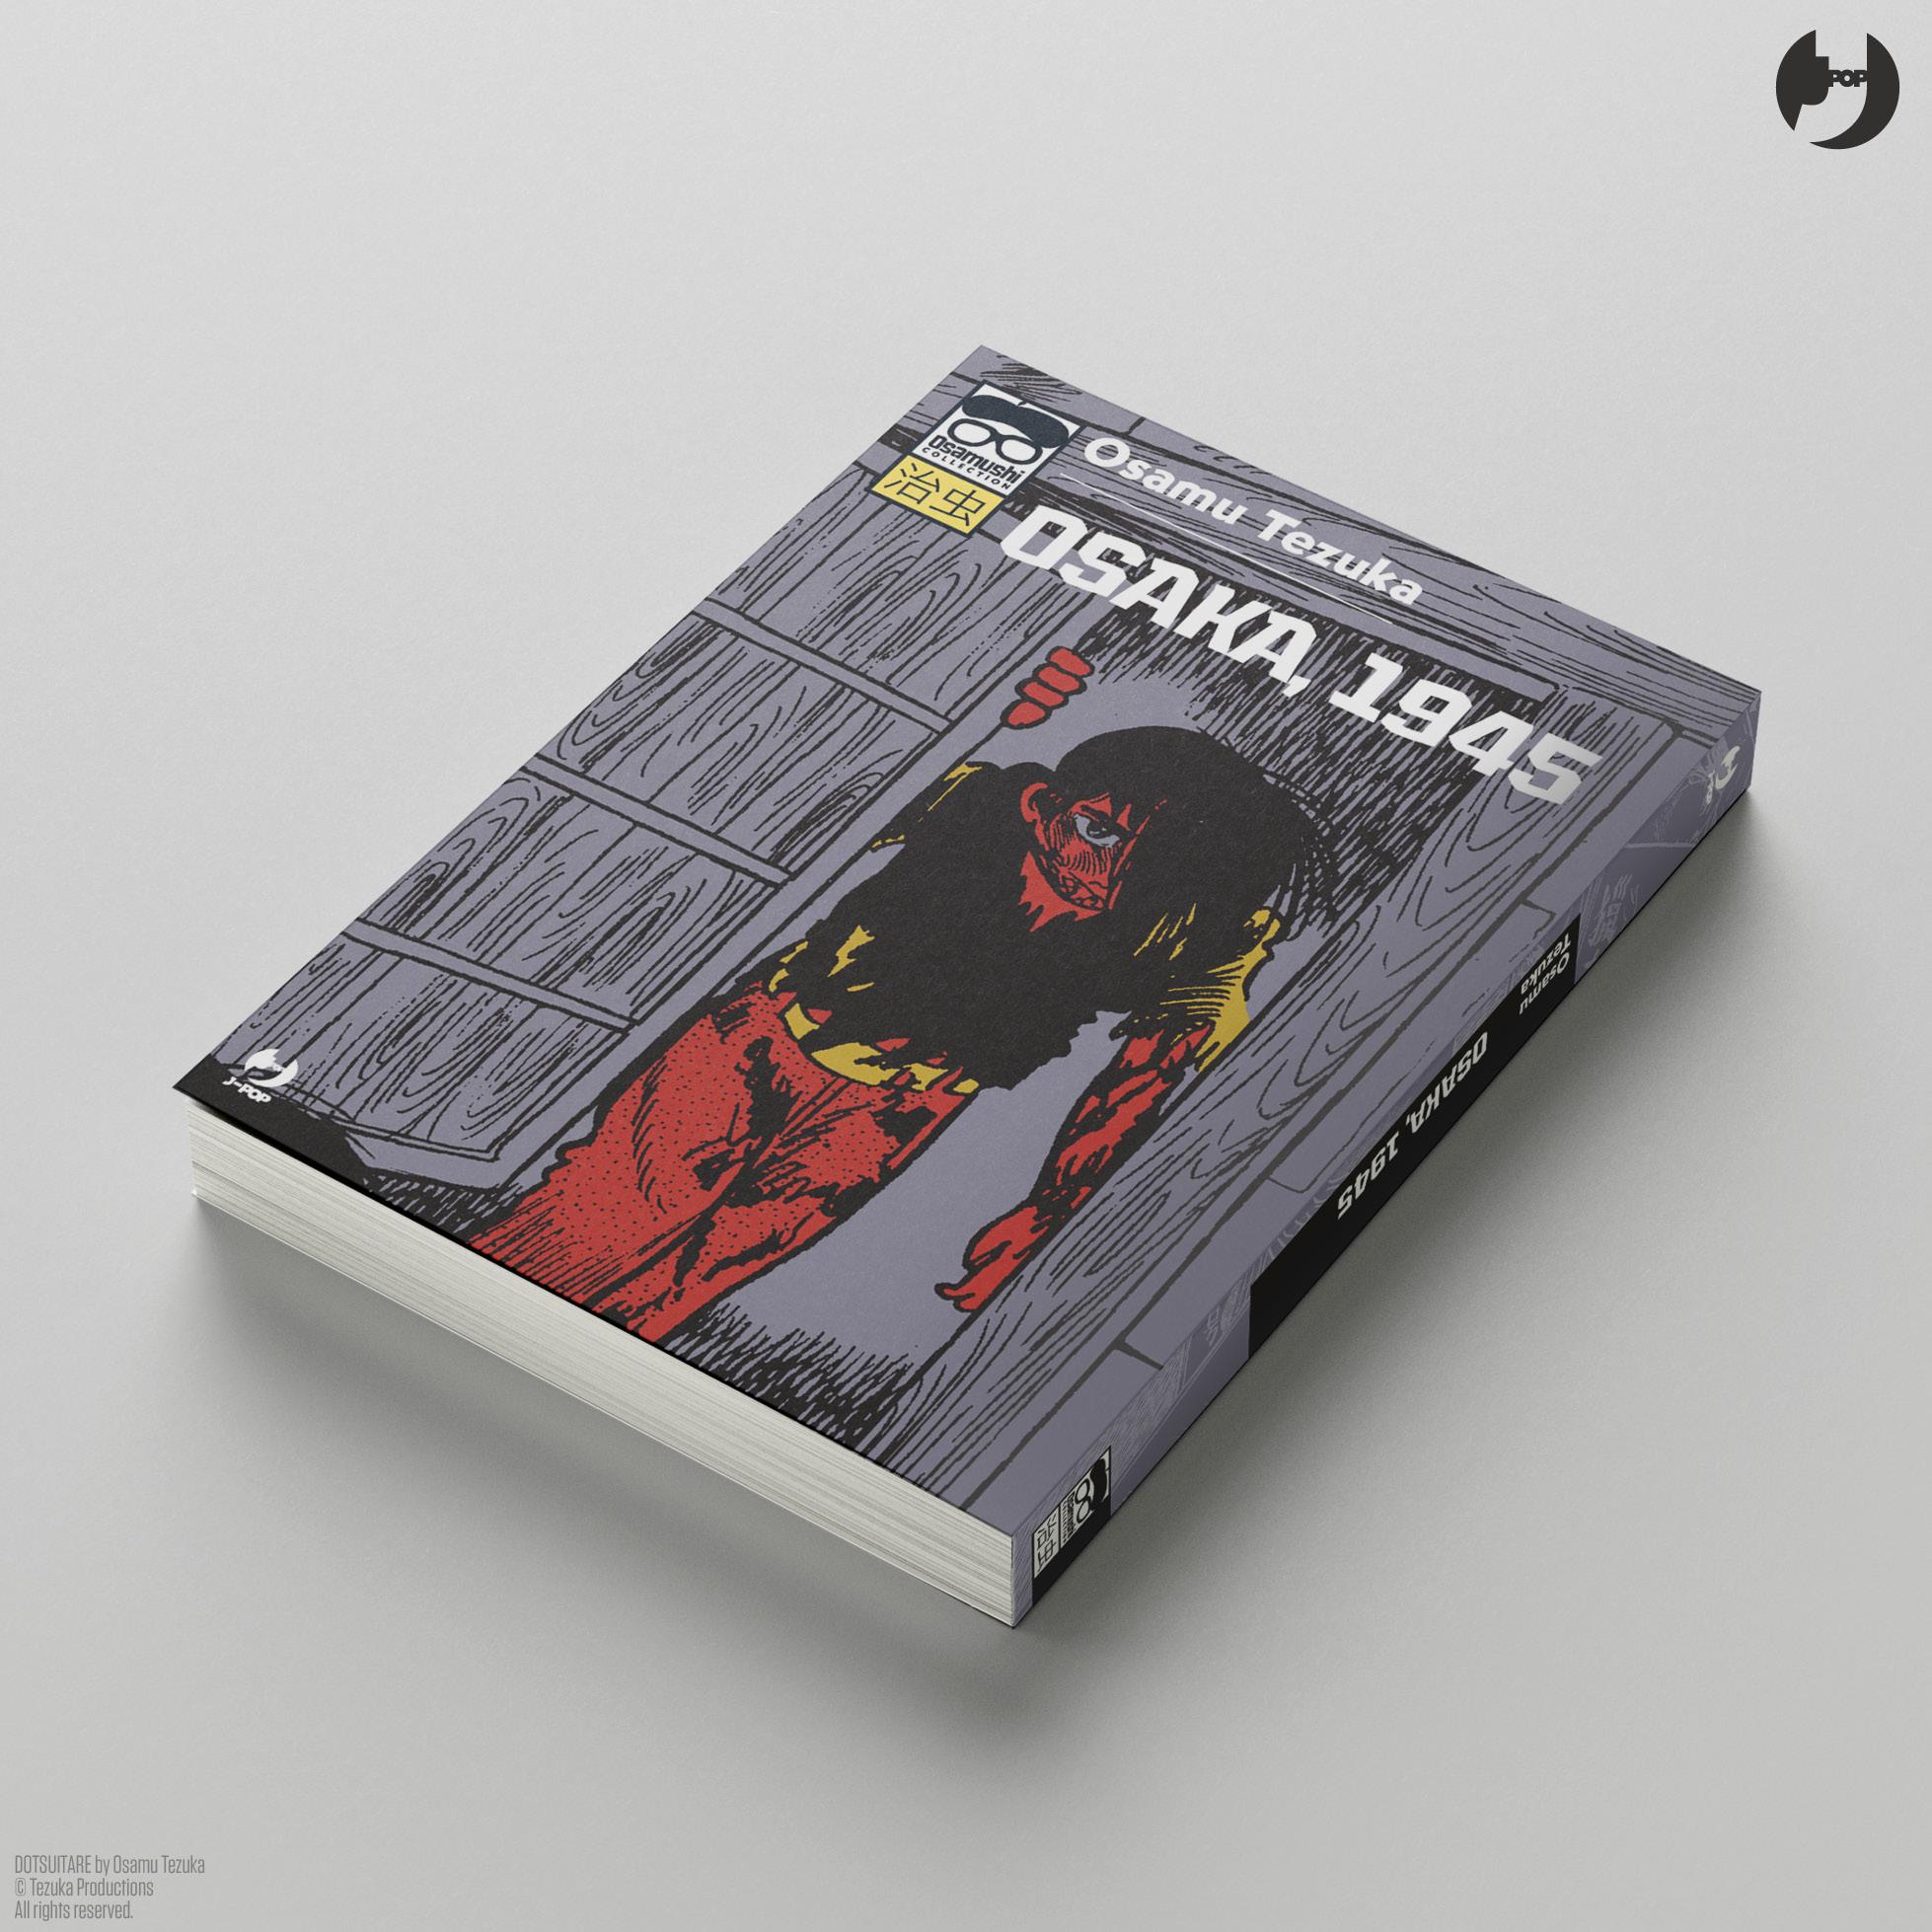 Un volume capolavoro